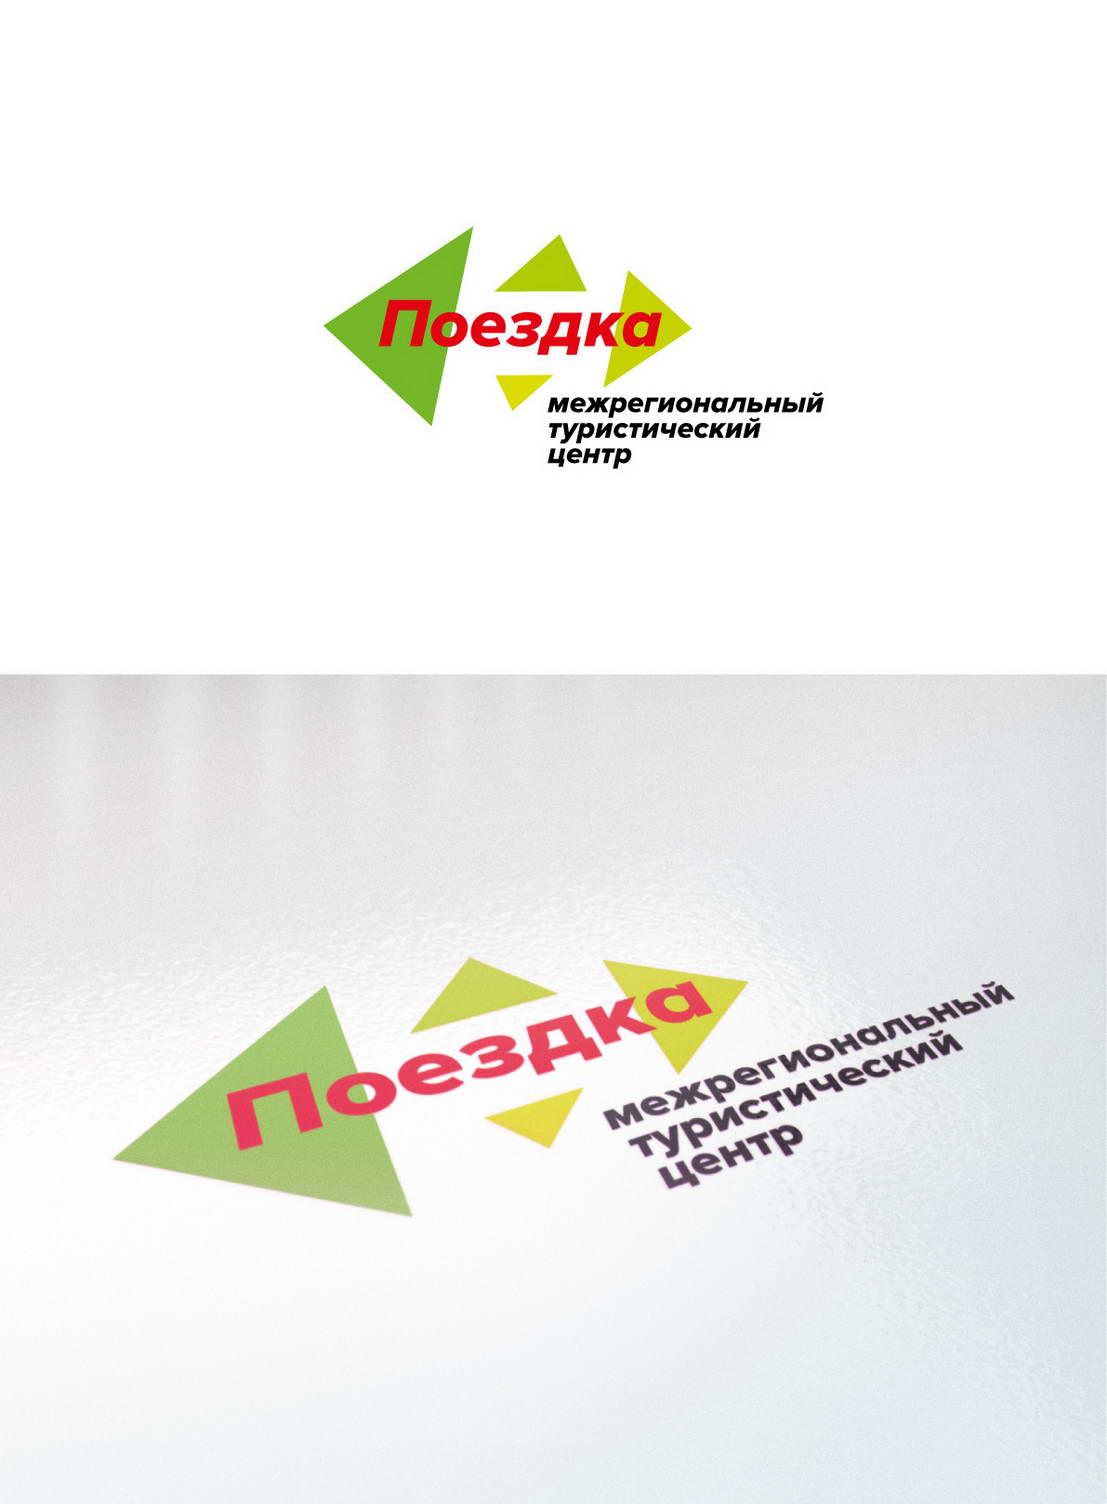 логотип Межрегиональный туристический центр Поездка